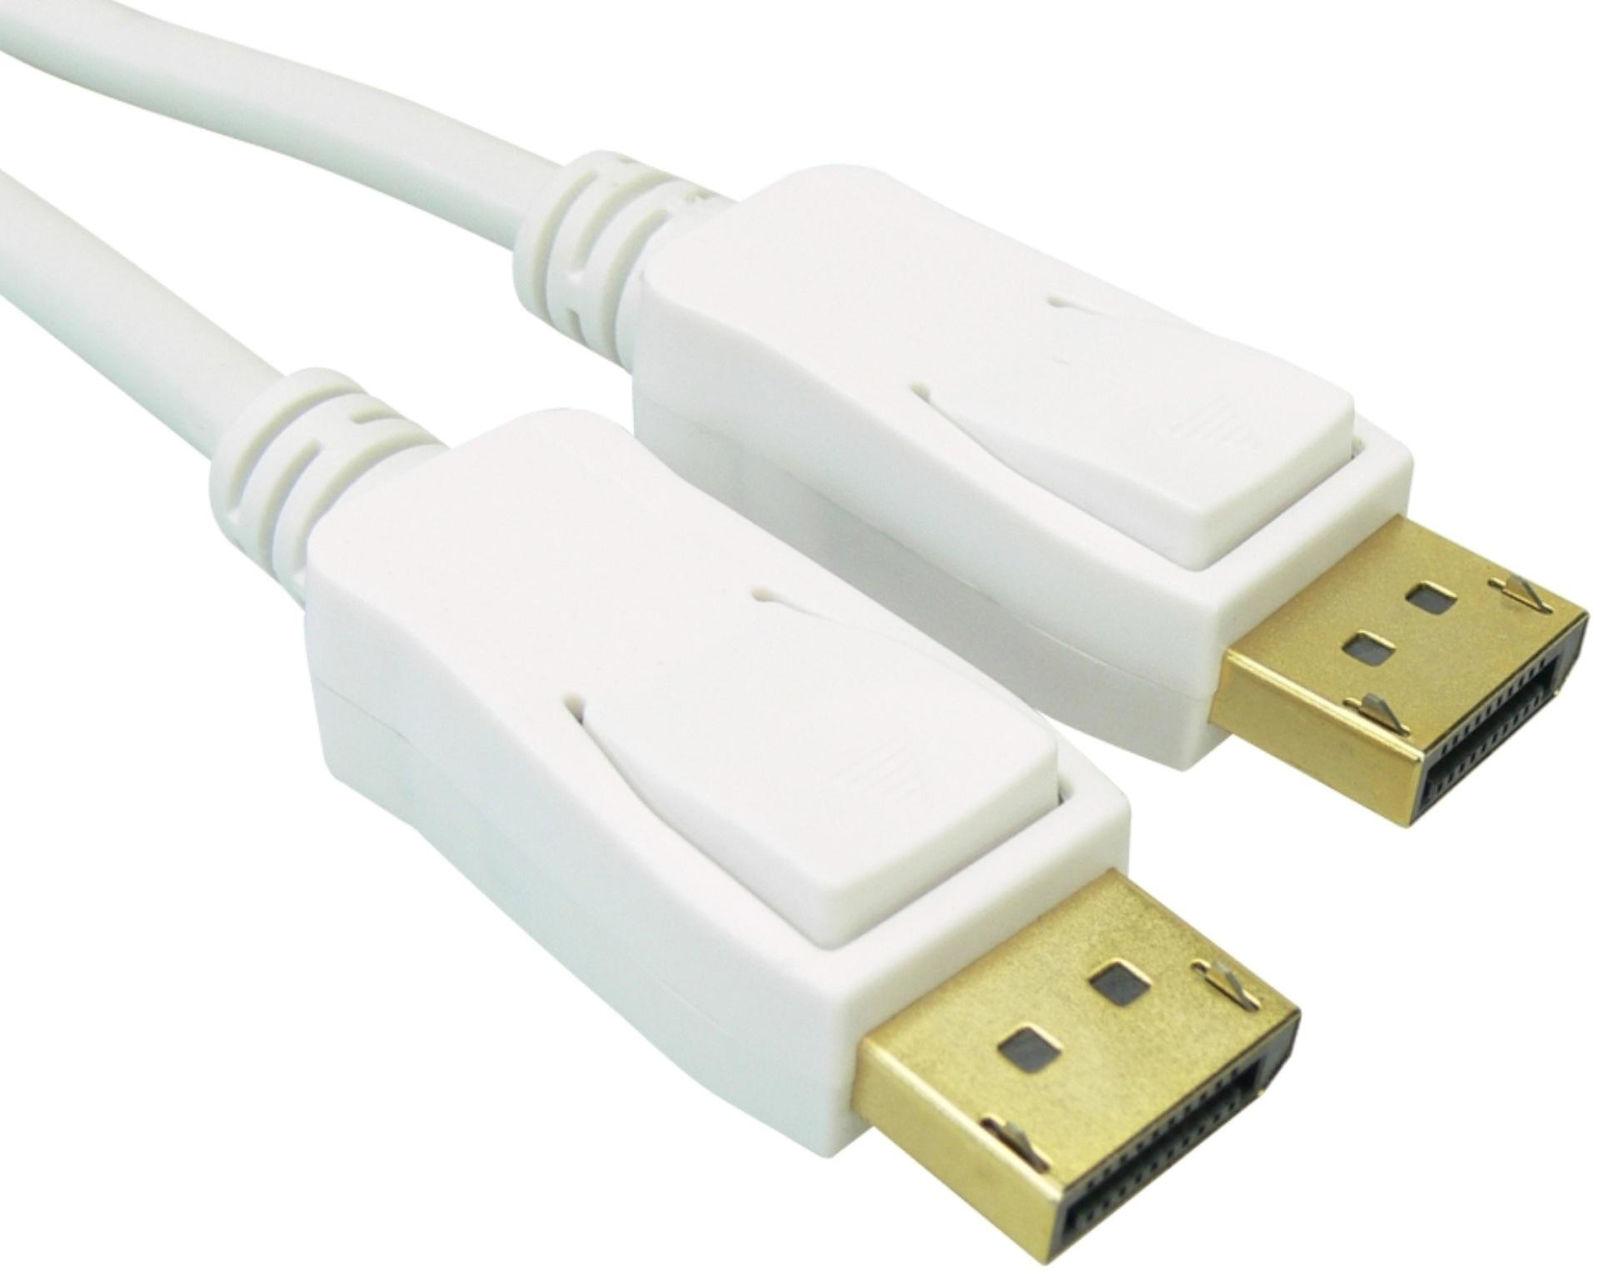 DisplayPort 1.2 4k M-M cable 2m